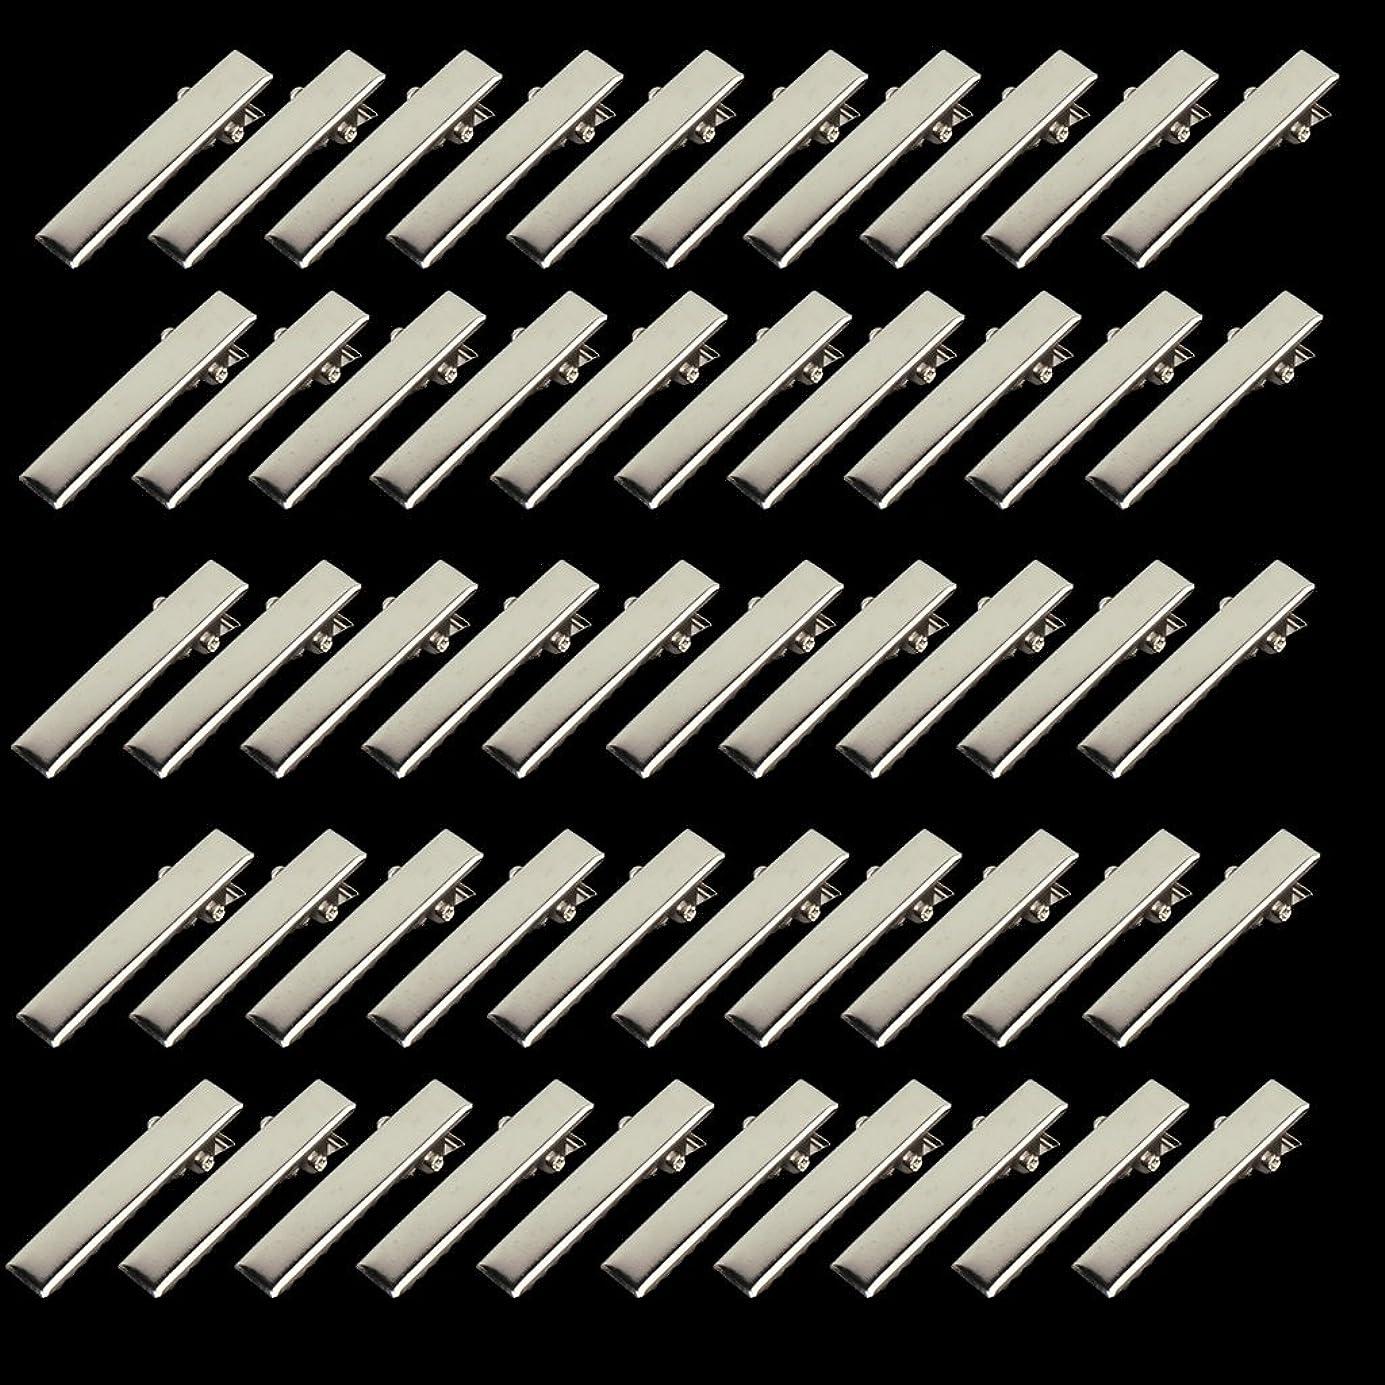 ユーザー使い込む地震Prettyia 約50個 32mm ミニ ヘアピン 金具 小型 プロング ワニ 手芸用 材料  ヘアクリップ  DIY  シルバー